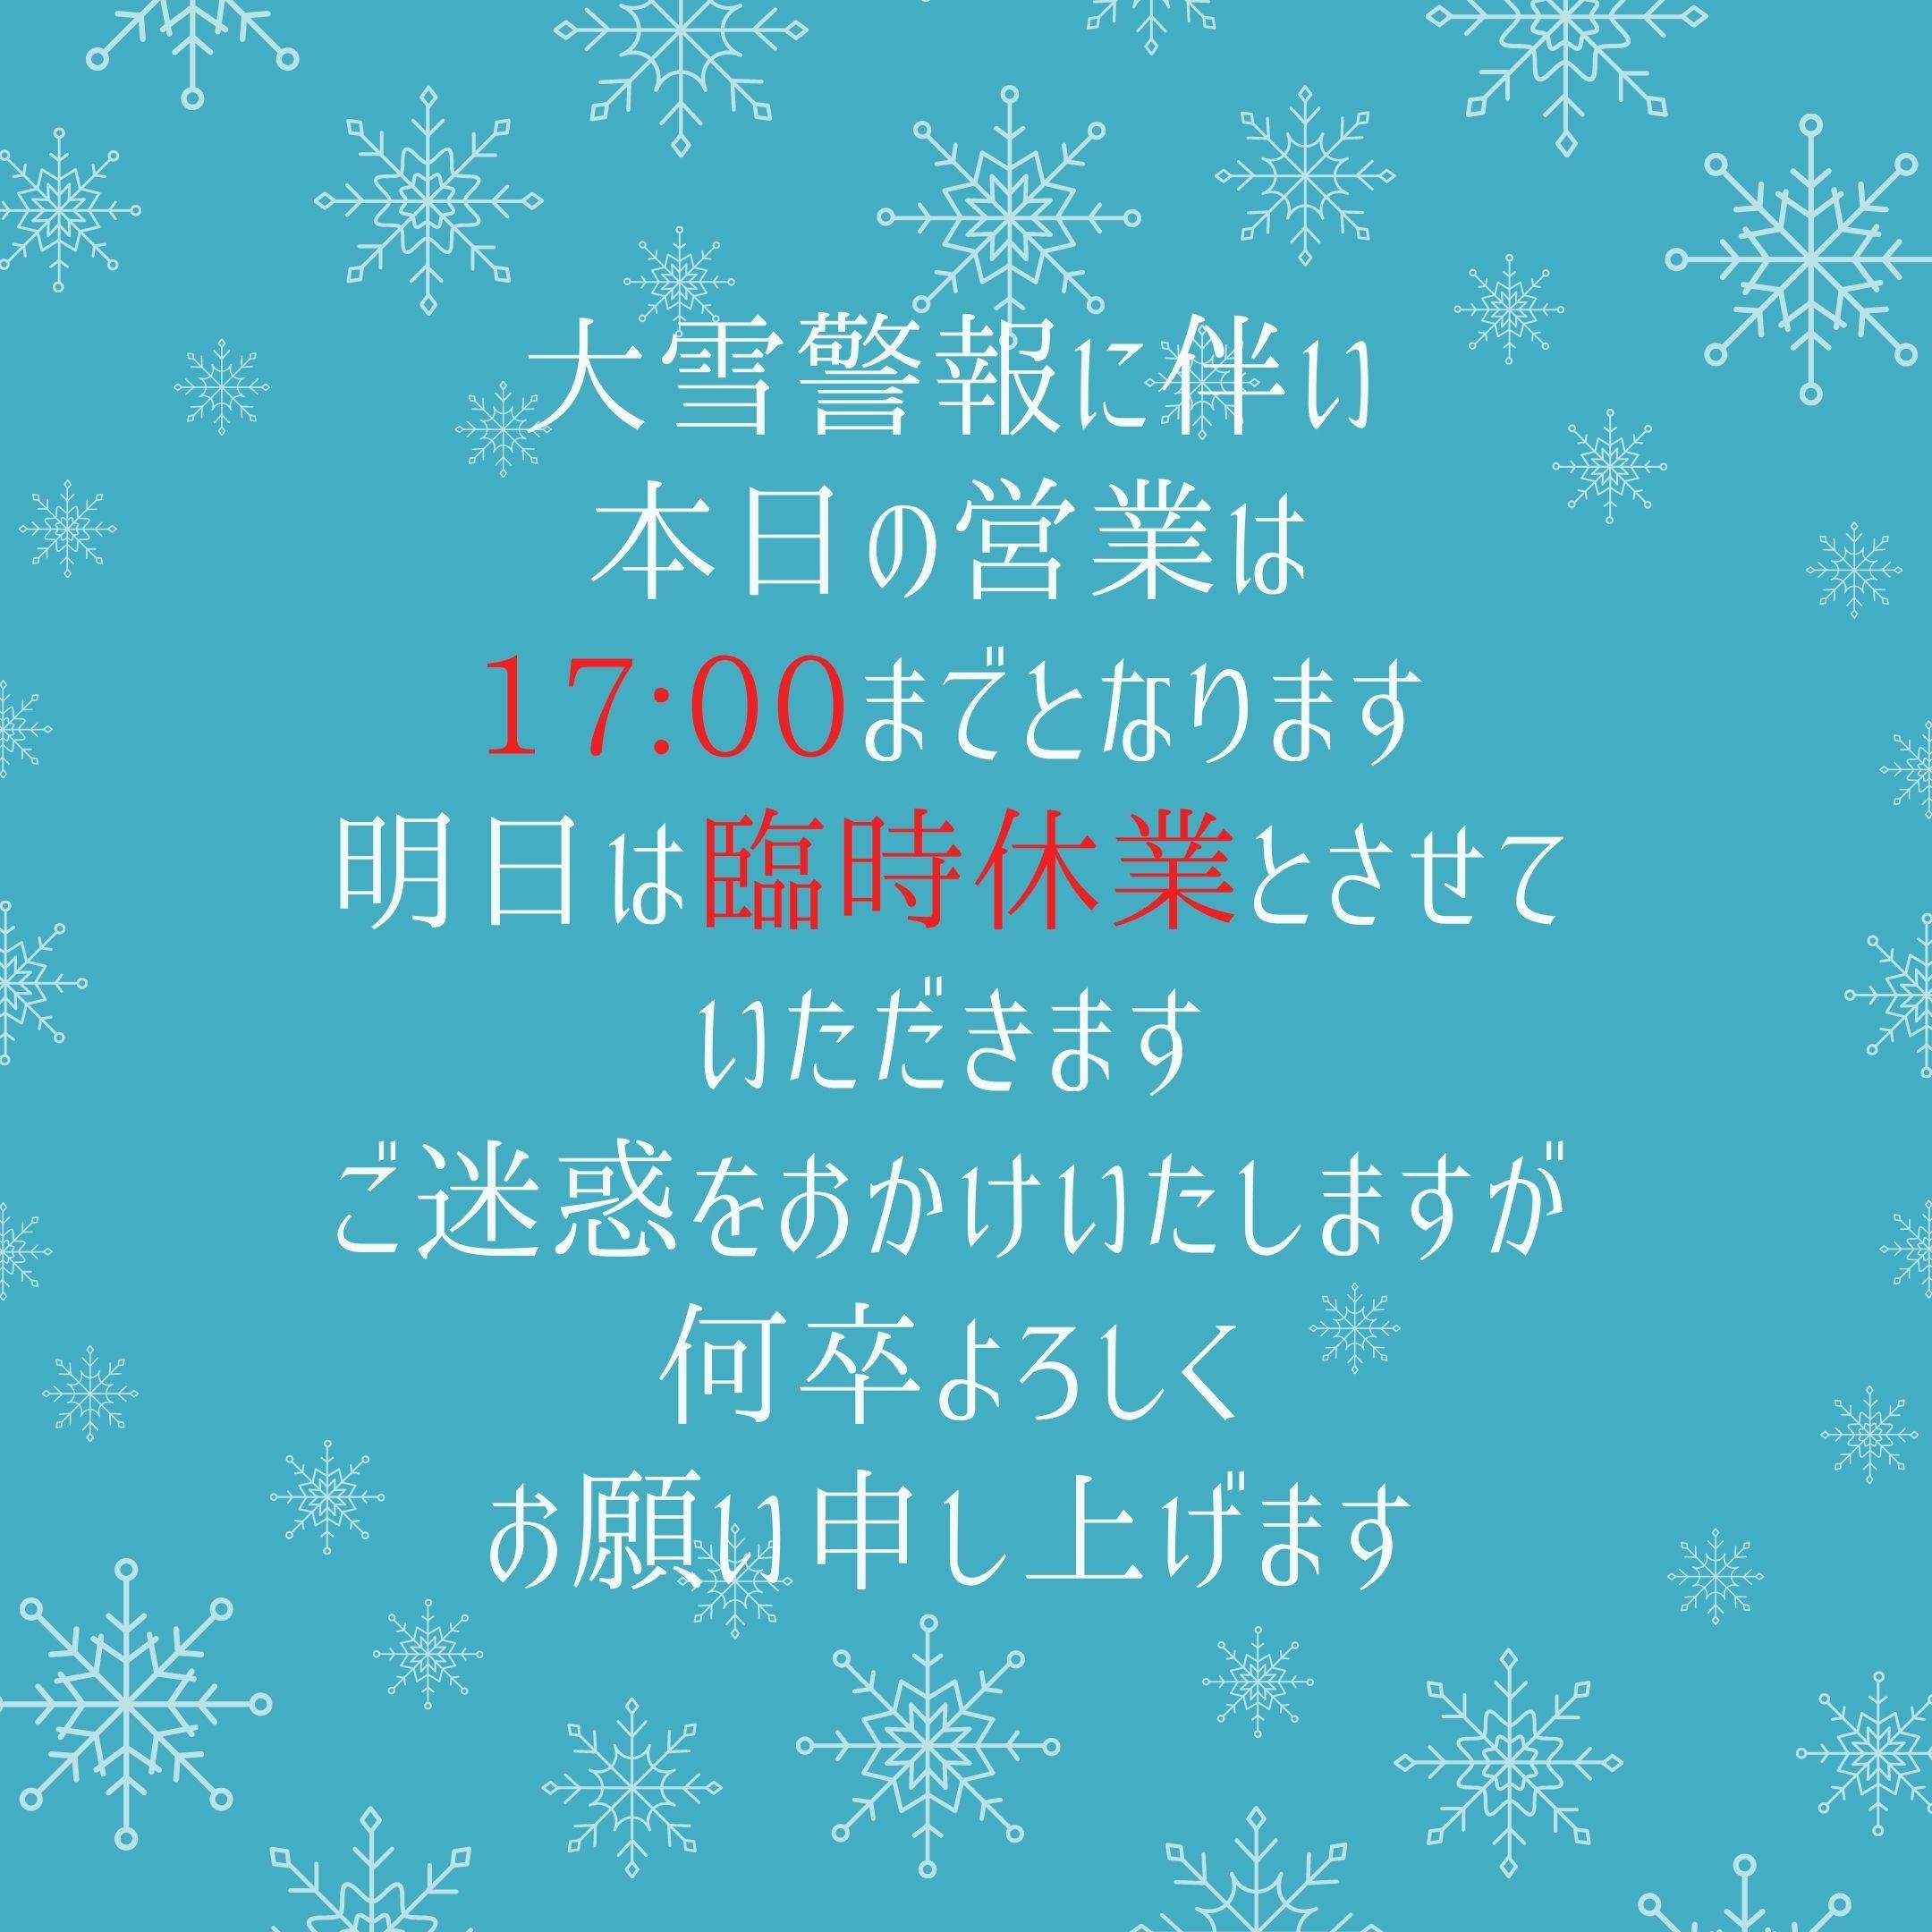 ジャンティールスタッフブログ「1月10日(日曜日)臨時休業のお知らせ」